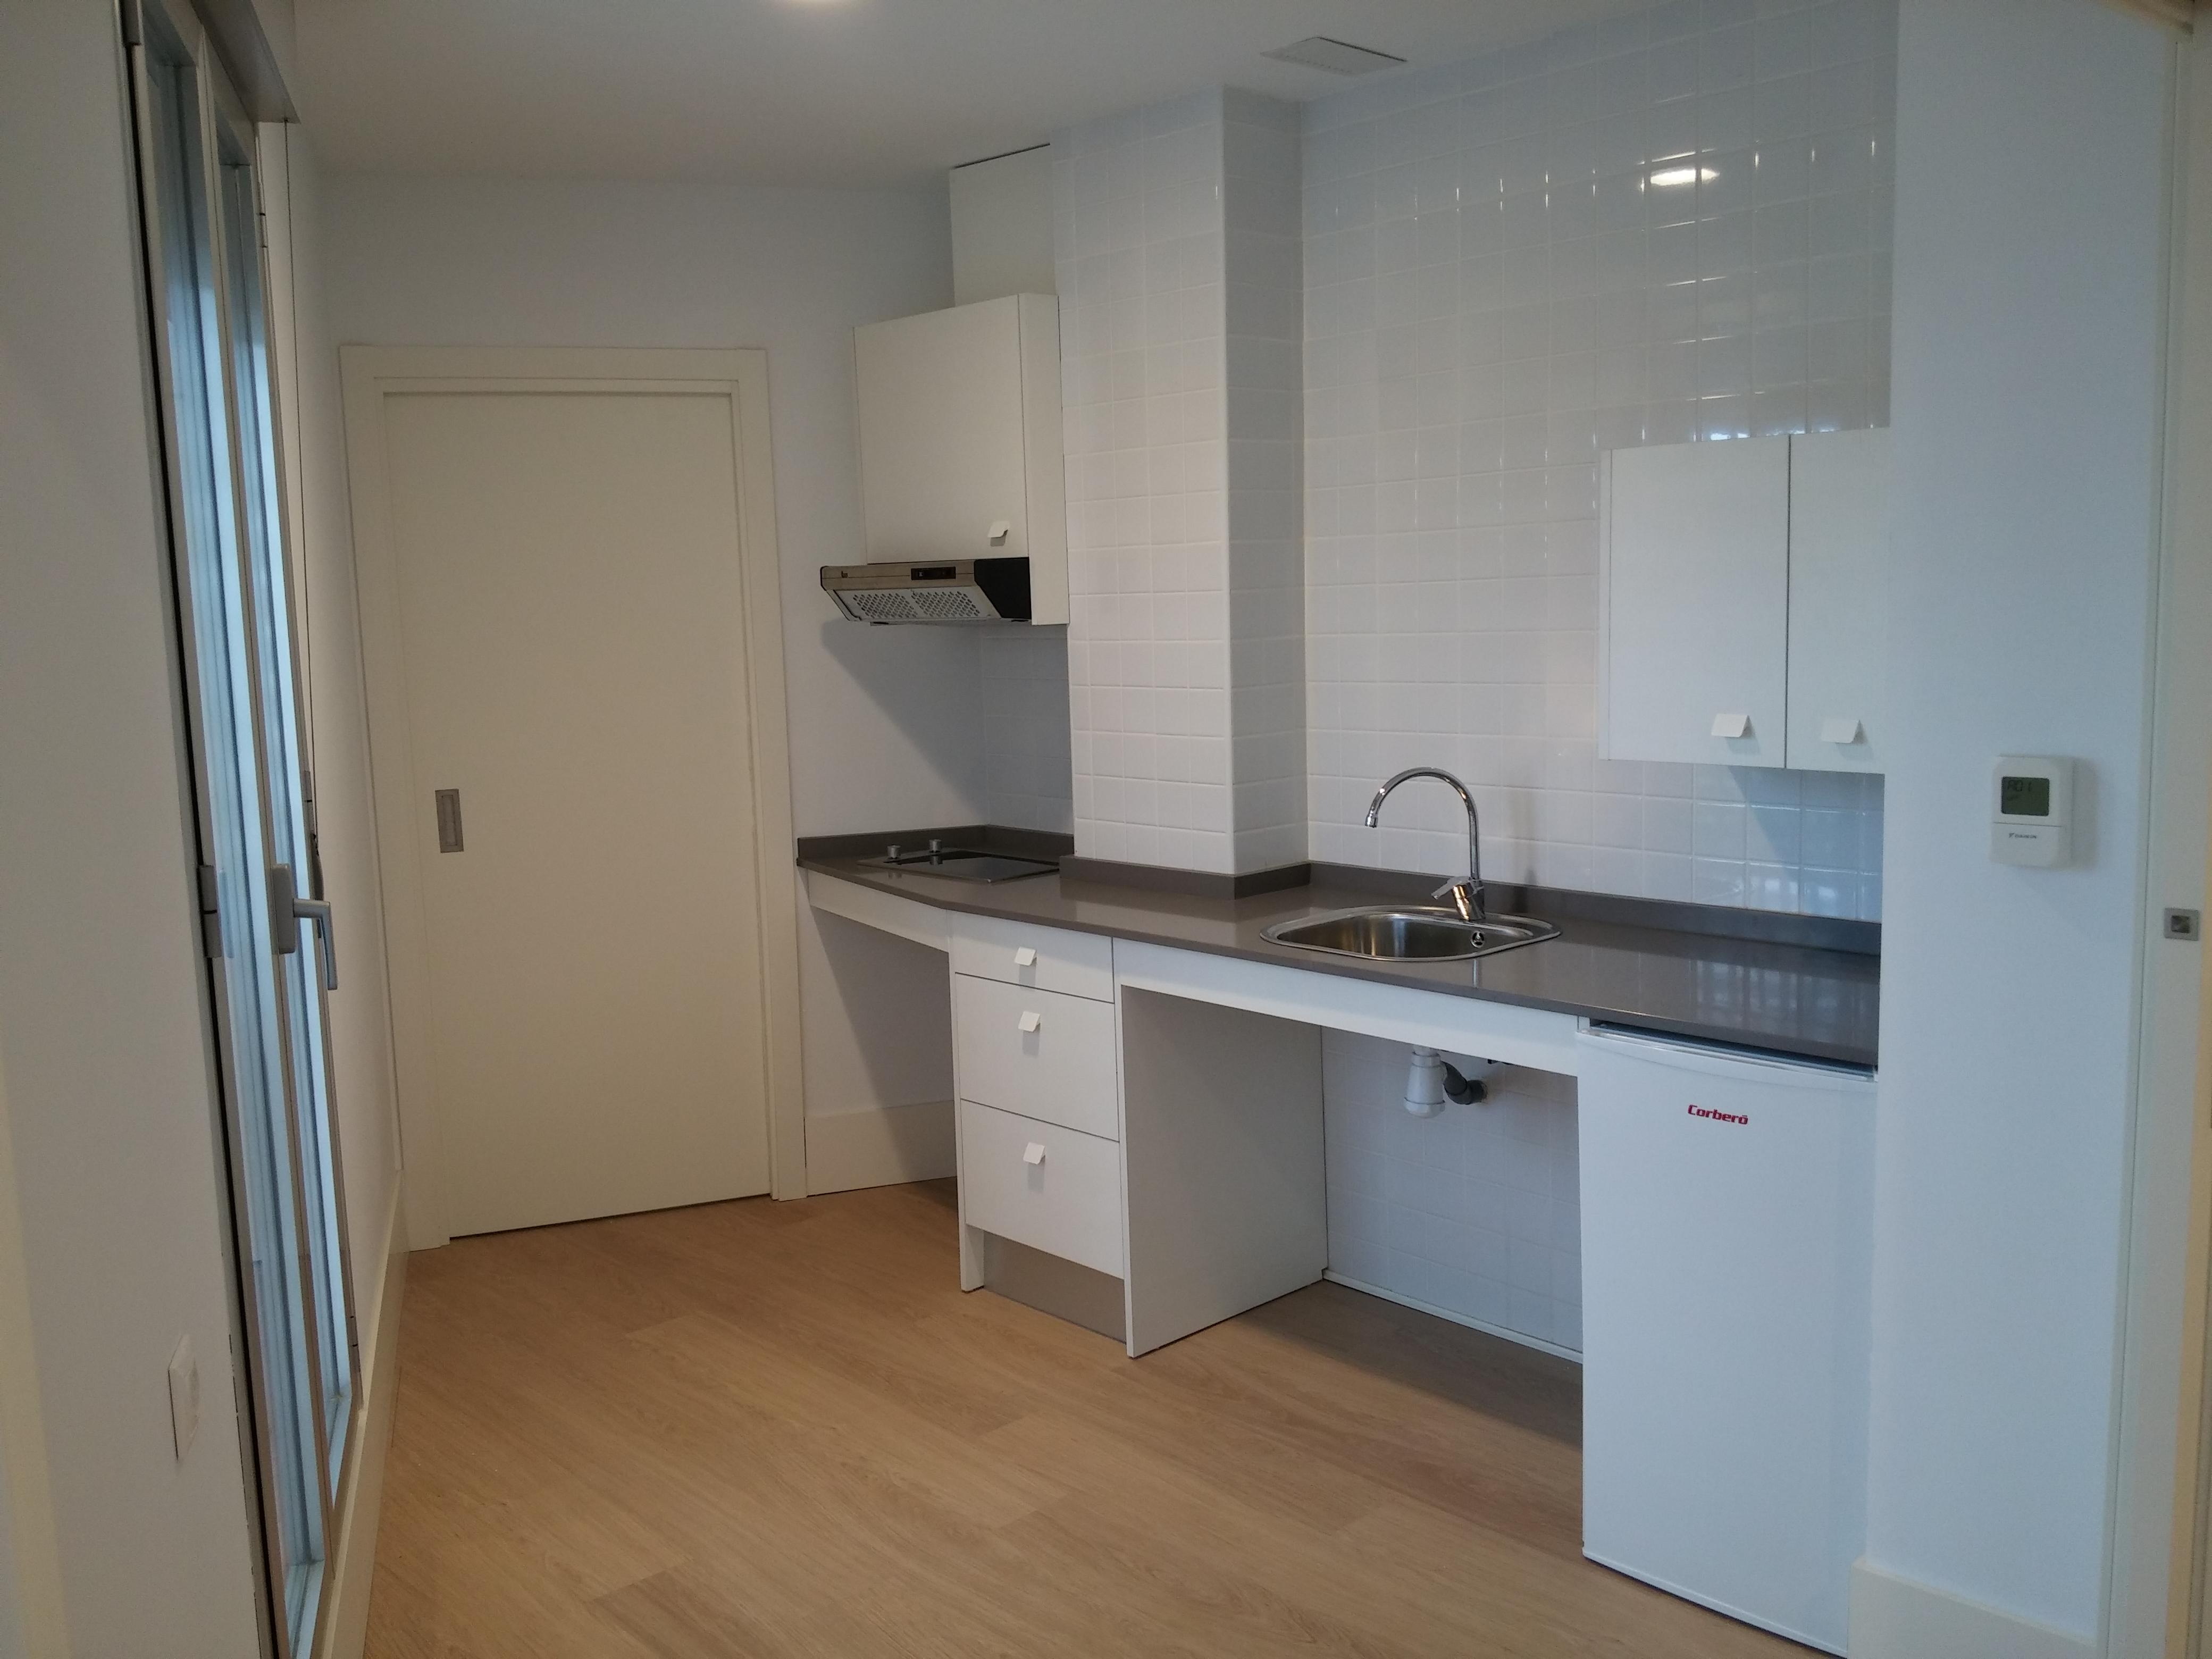 Apartamento Adaptado - Cocina